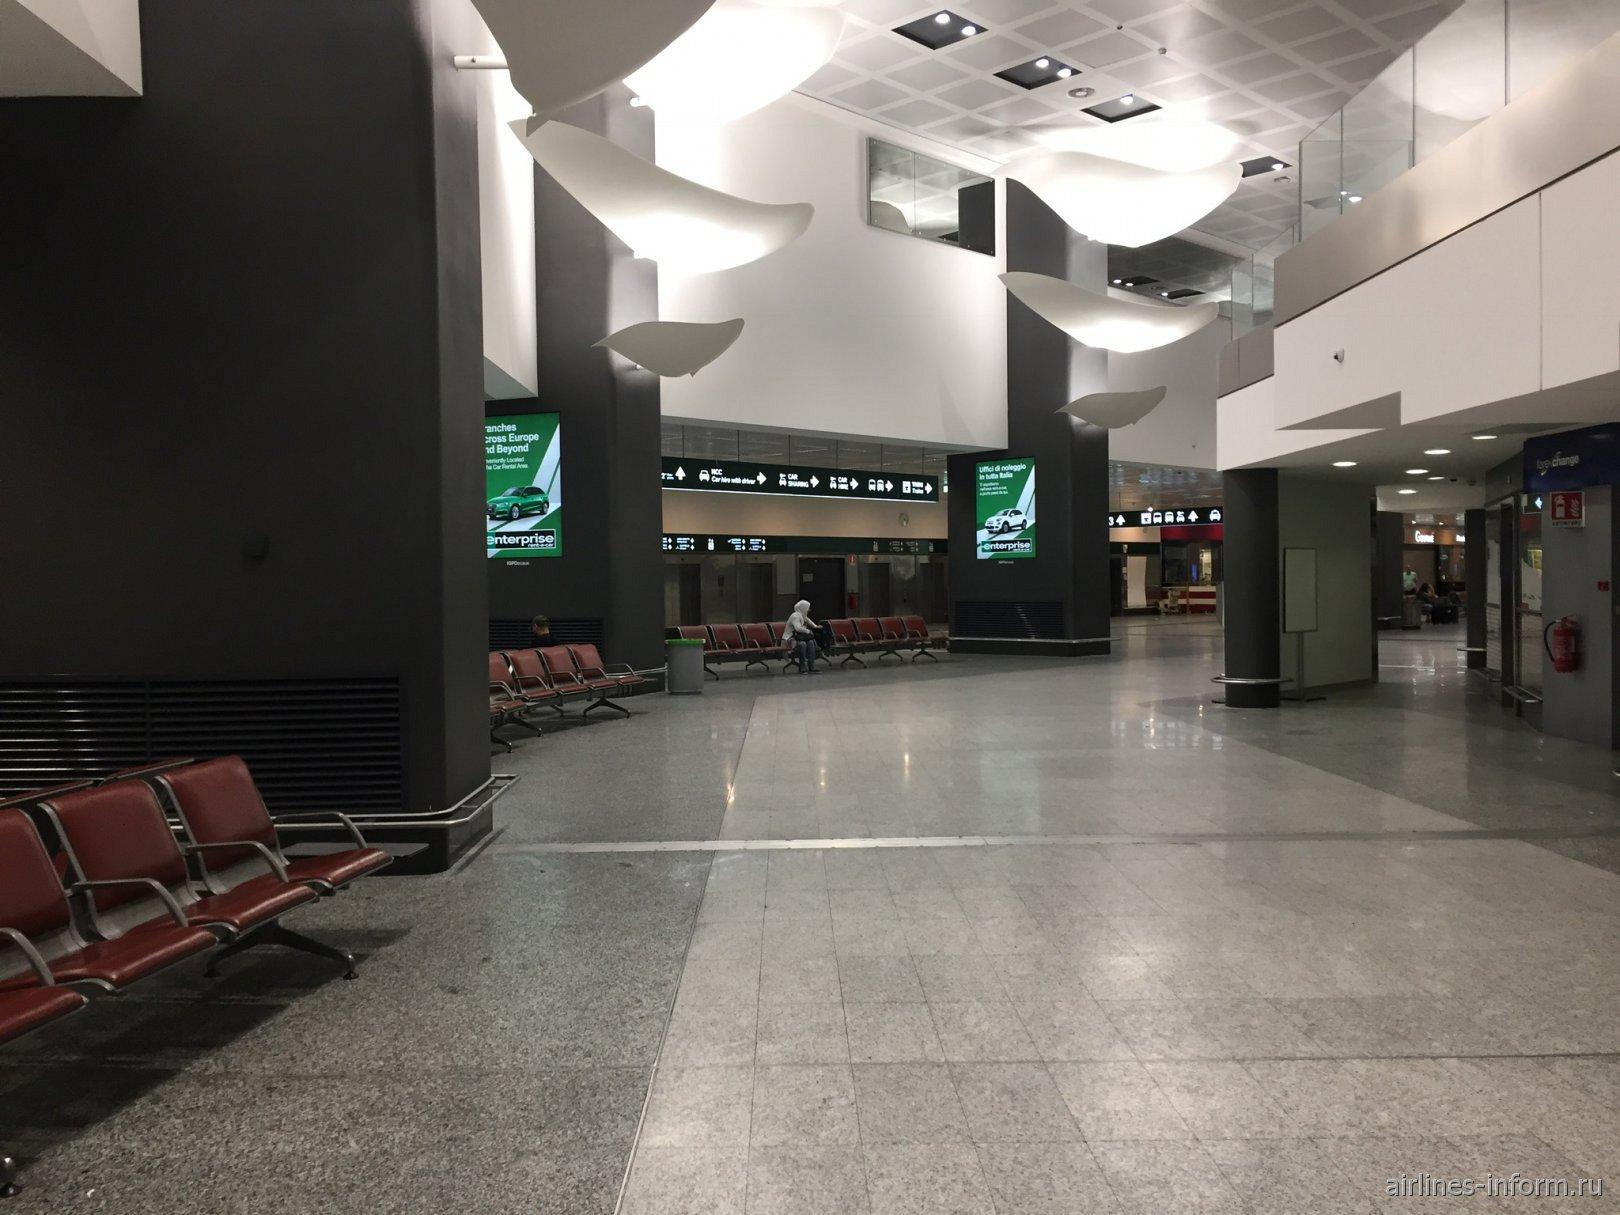 В терминале 1 аэропорта Милан-Мальпенса